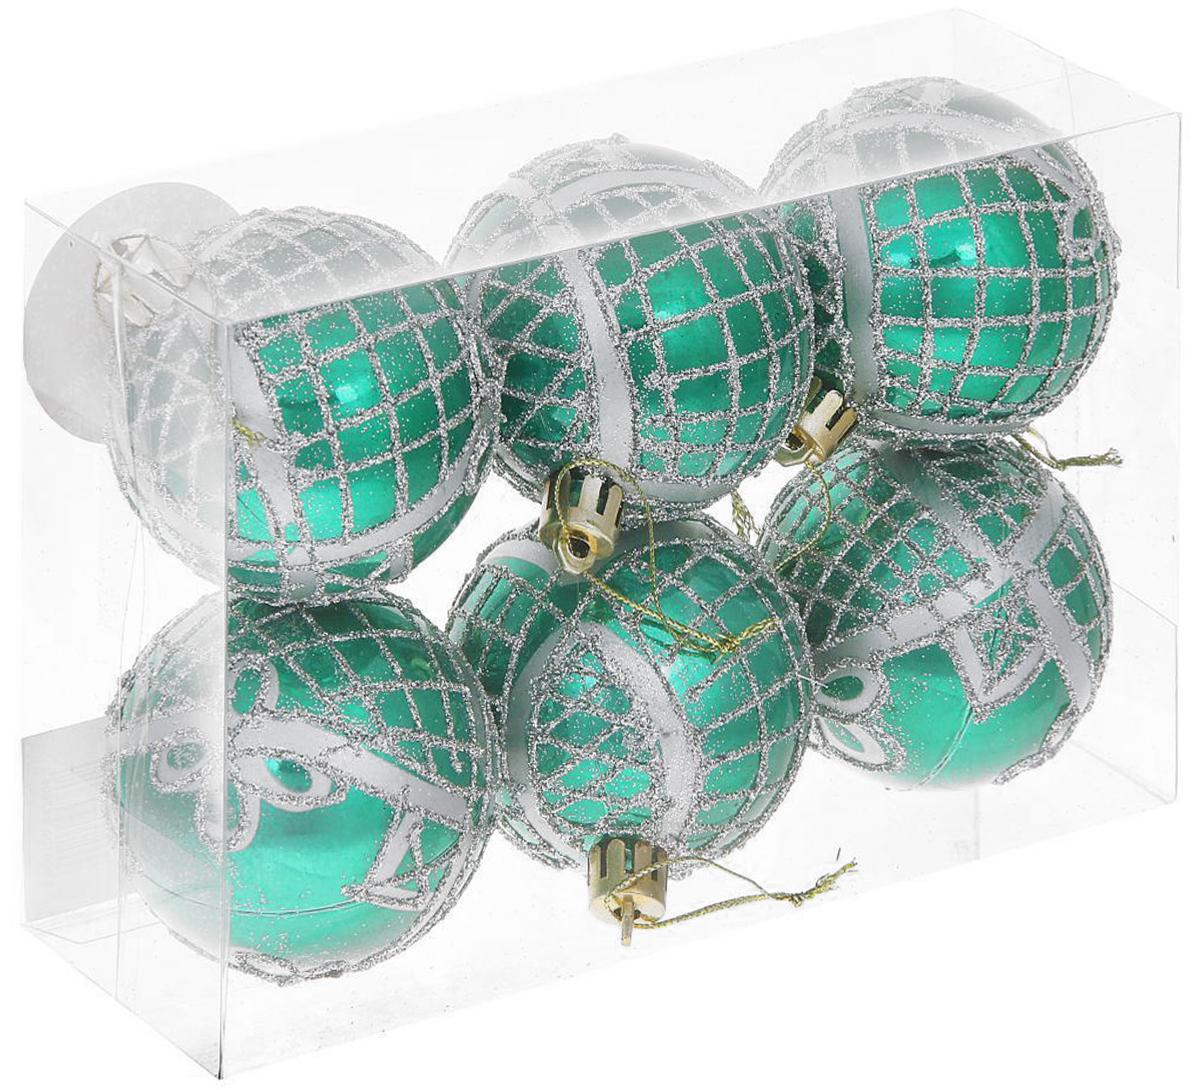 Набор новогодних подвесных украшений Sima-land Мираж. Цветочный узор, диаметр 6 см, 6 шт набор новогодних подвесных украшений sima land диаметр 10 см 6 шт 2137195